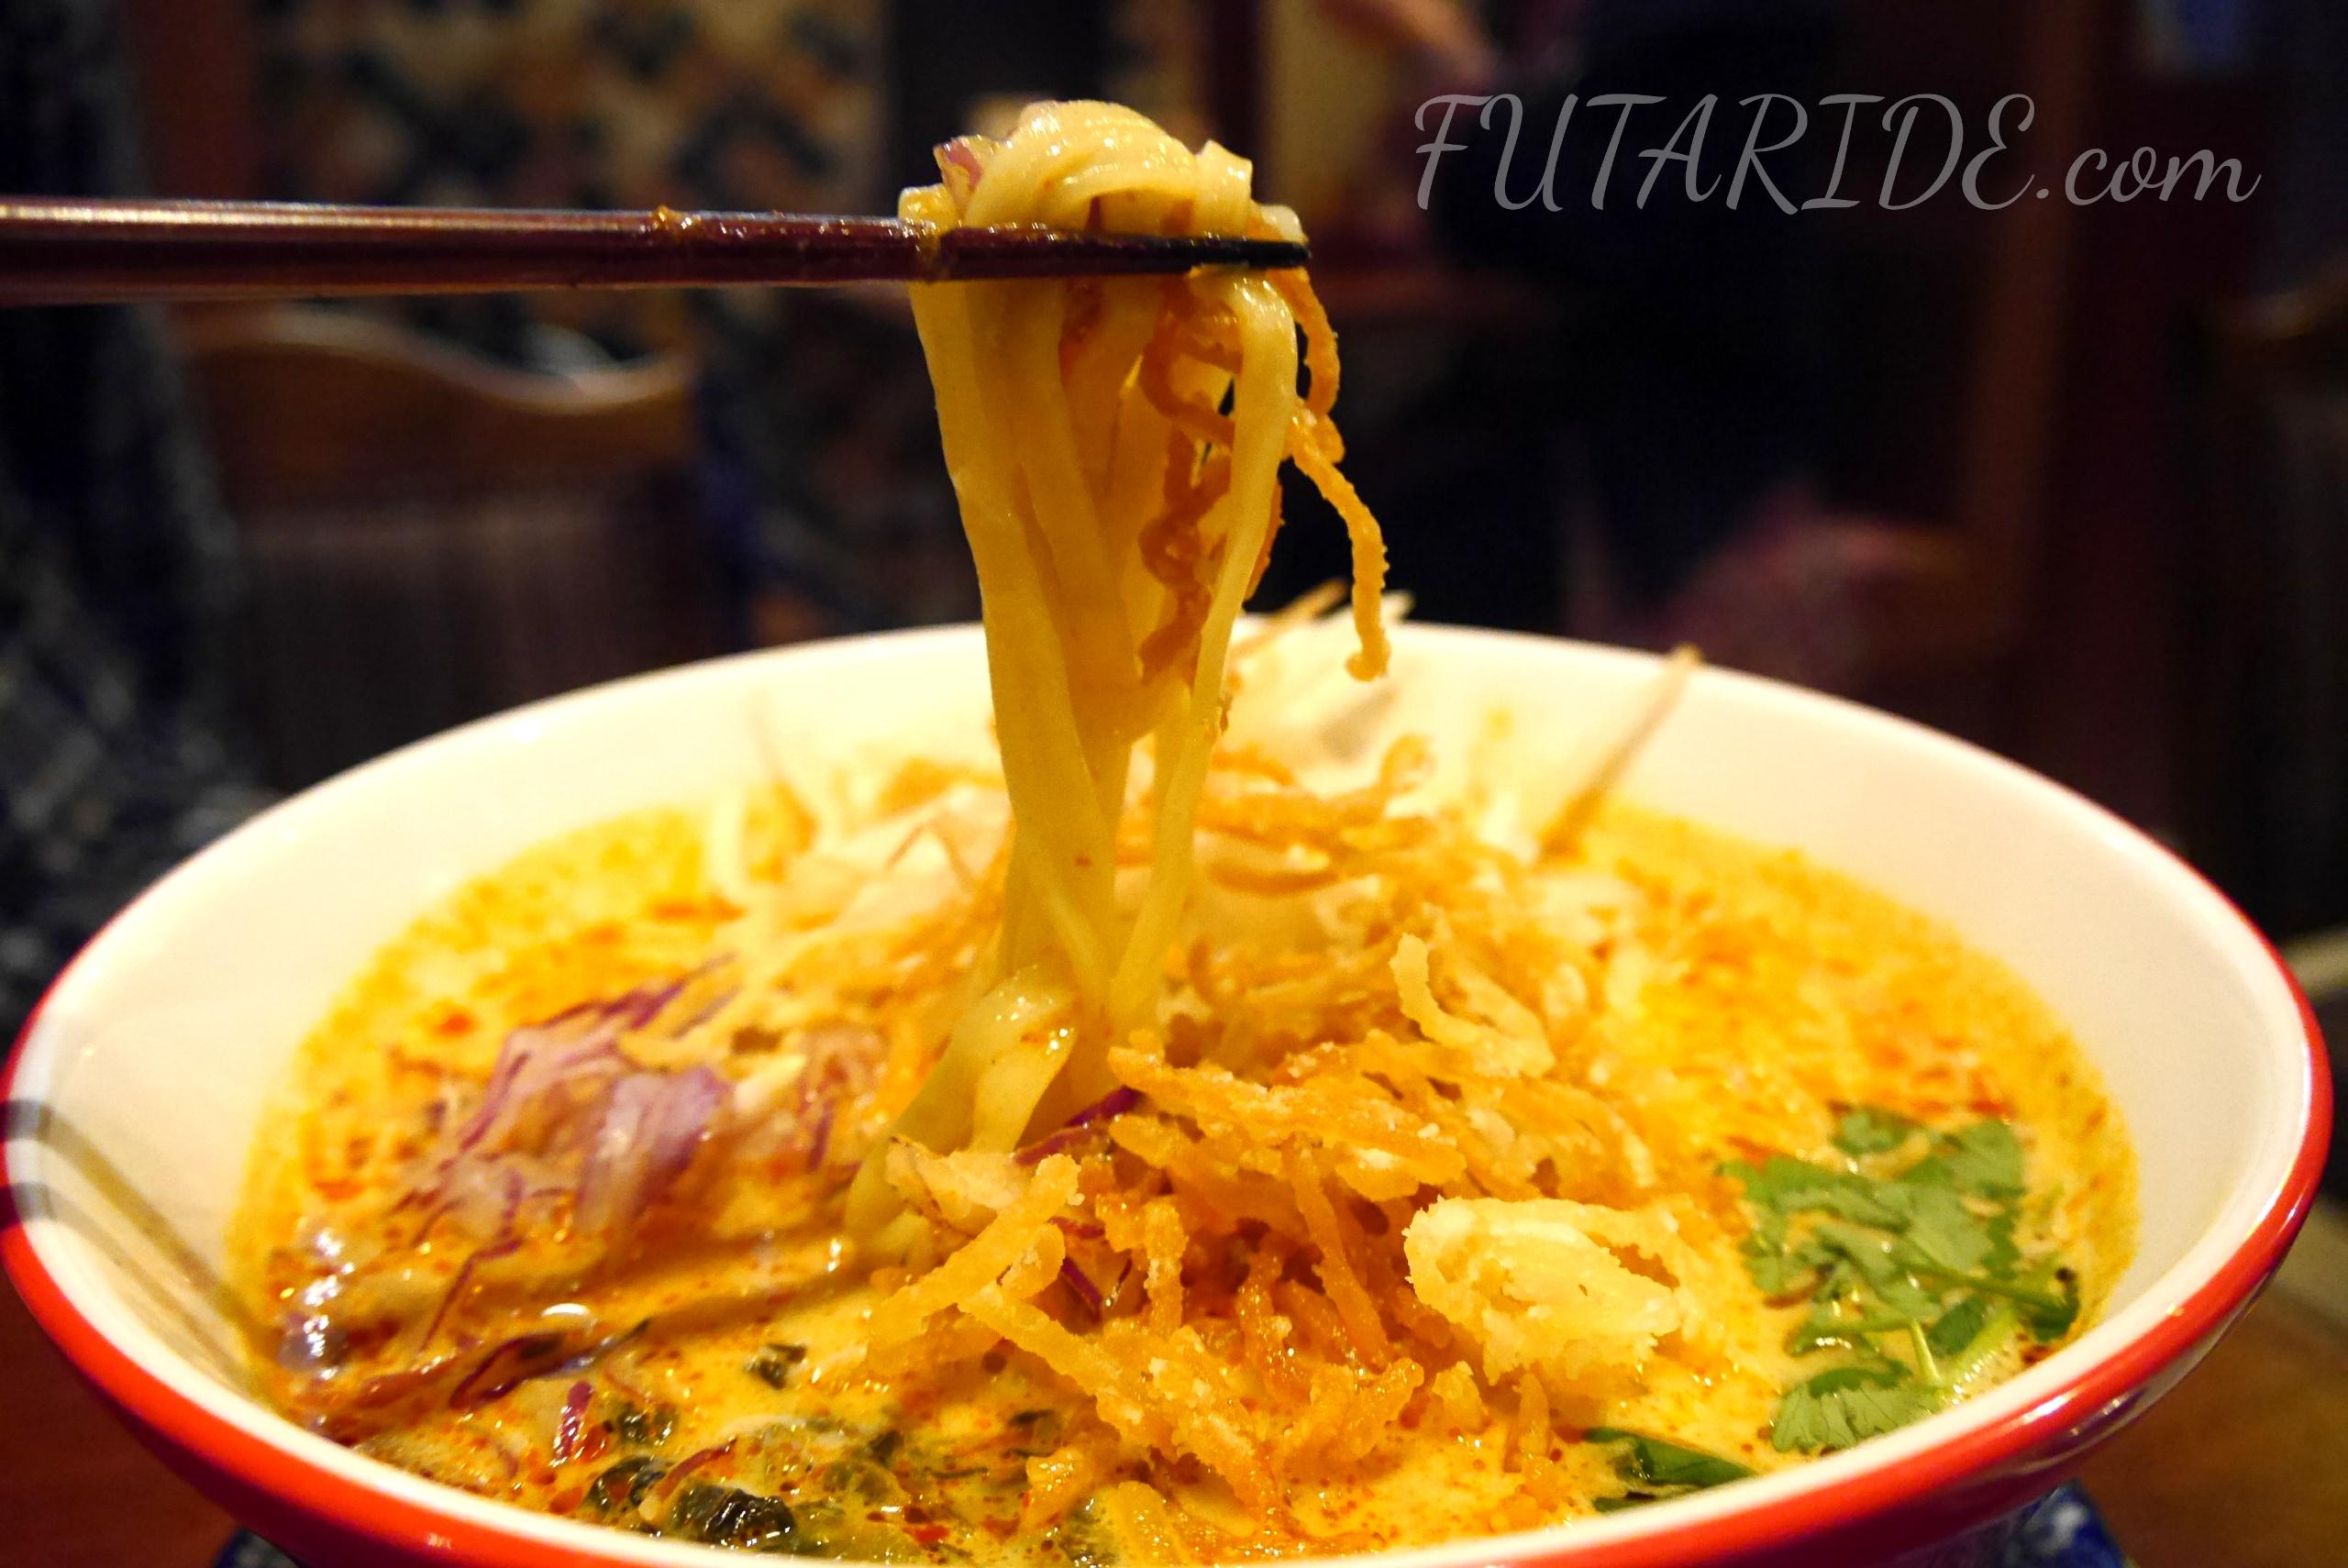 【ワルンプアンサタニー】超本格的タイ料理がお手軽に楽しめる【大名古屋ビルヂング】